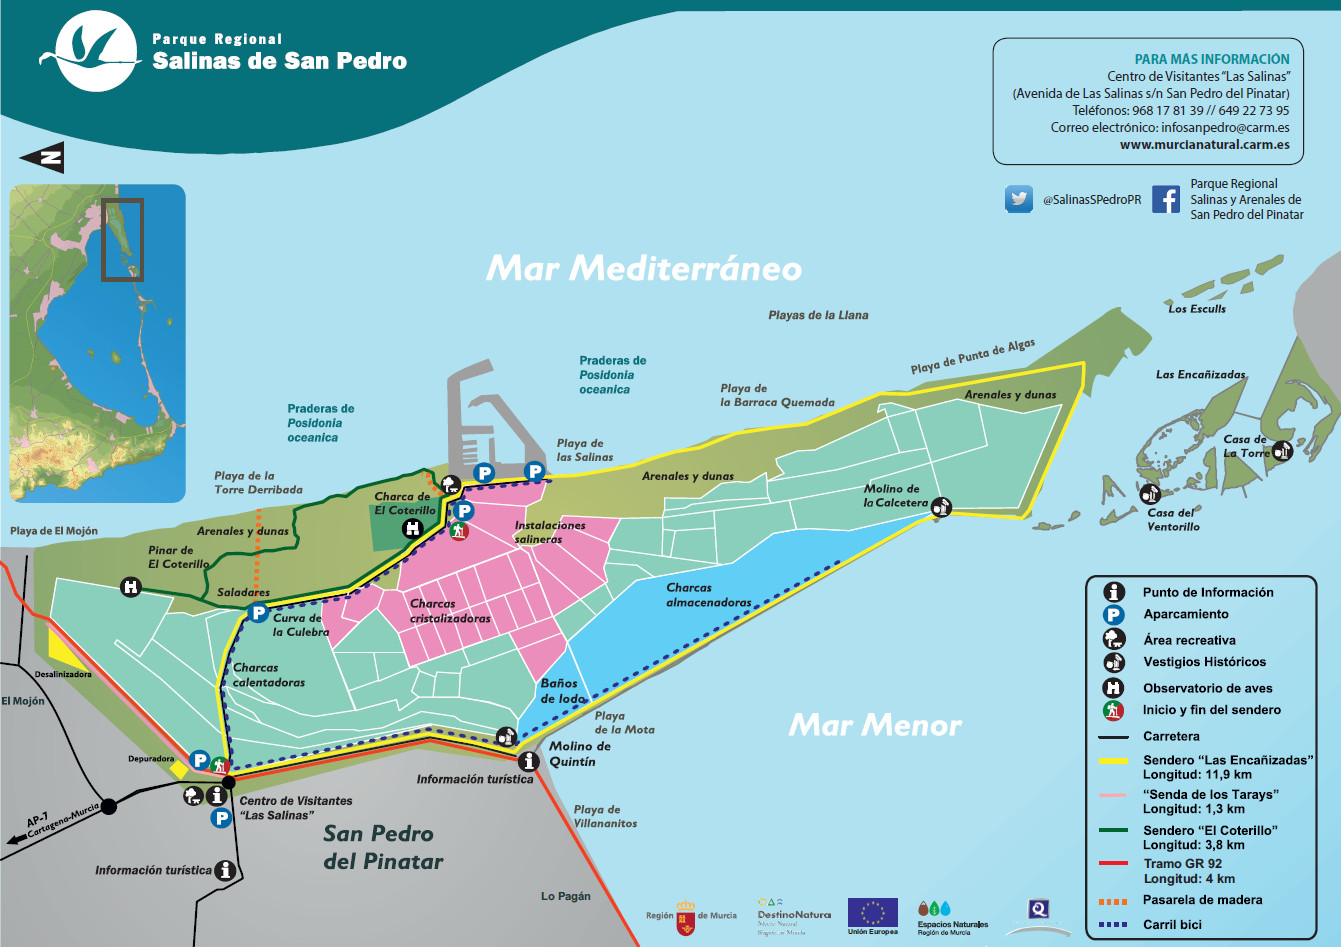 Mapa del PR delas Salinas y Arenales de San Pedro del Pinatar, de la OISMA